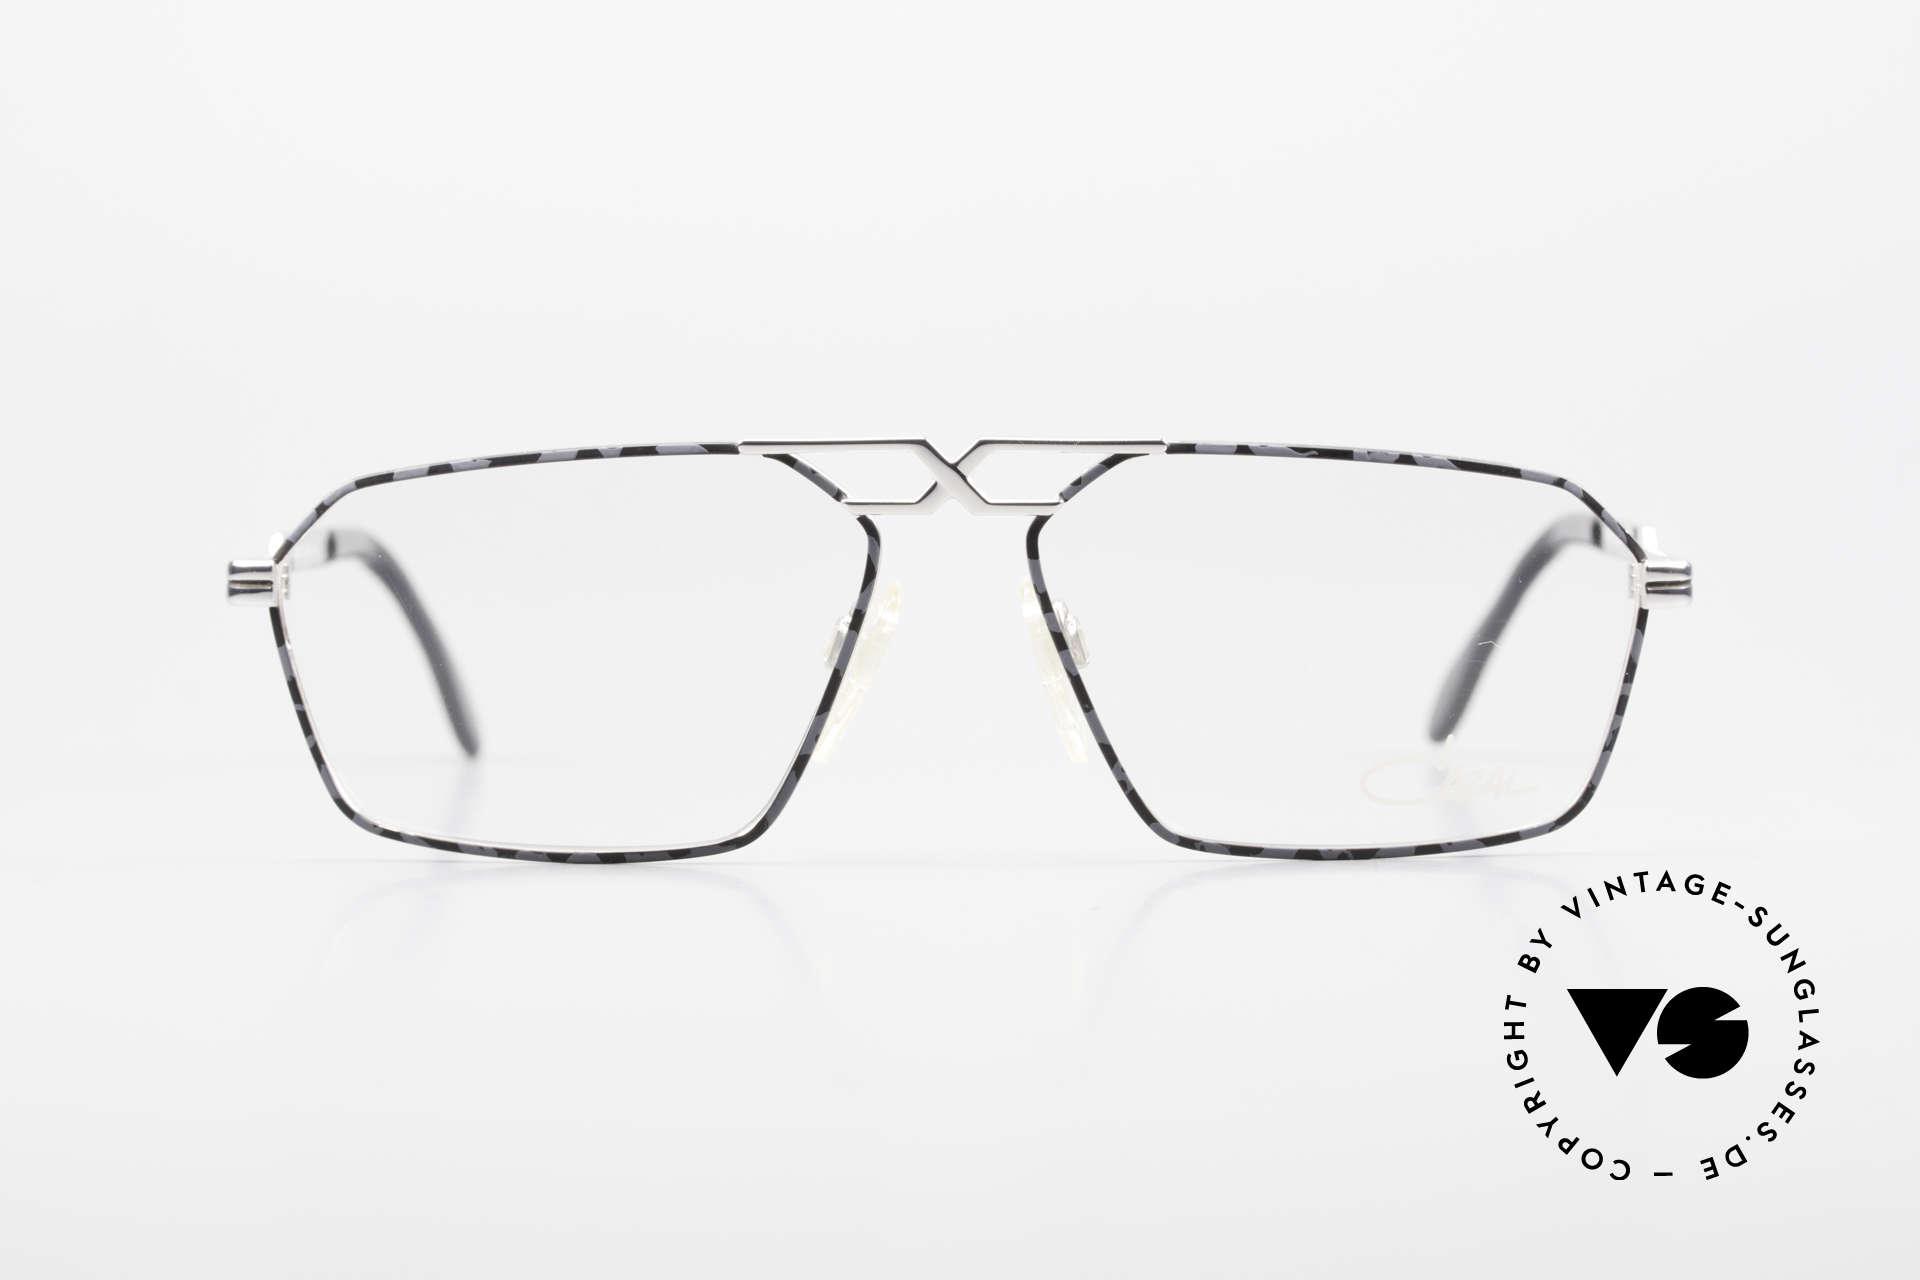 Cazal 744 90's Vintage Glasses For Men, distinctive design by grandmaster CAri ZALloni, Made for Men